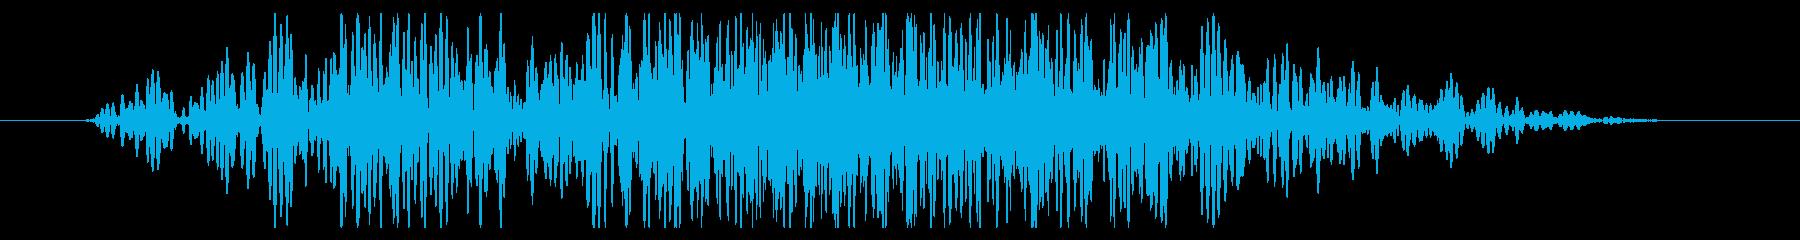 斬撃 ディープスコールヘビーショート01の再生済みの波形